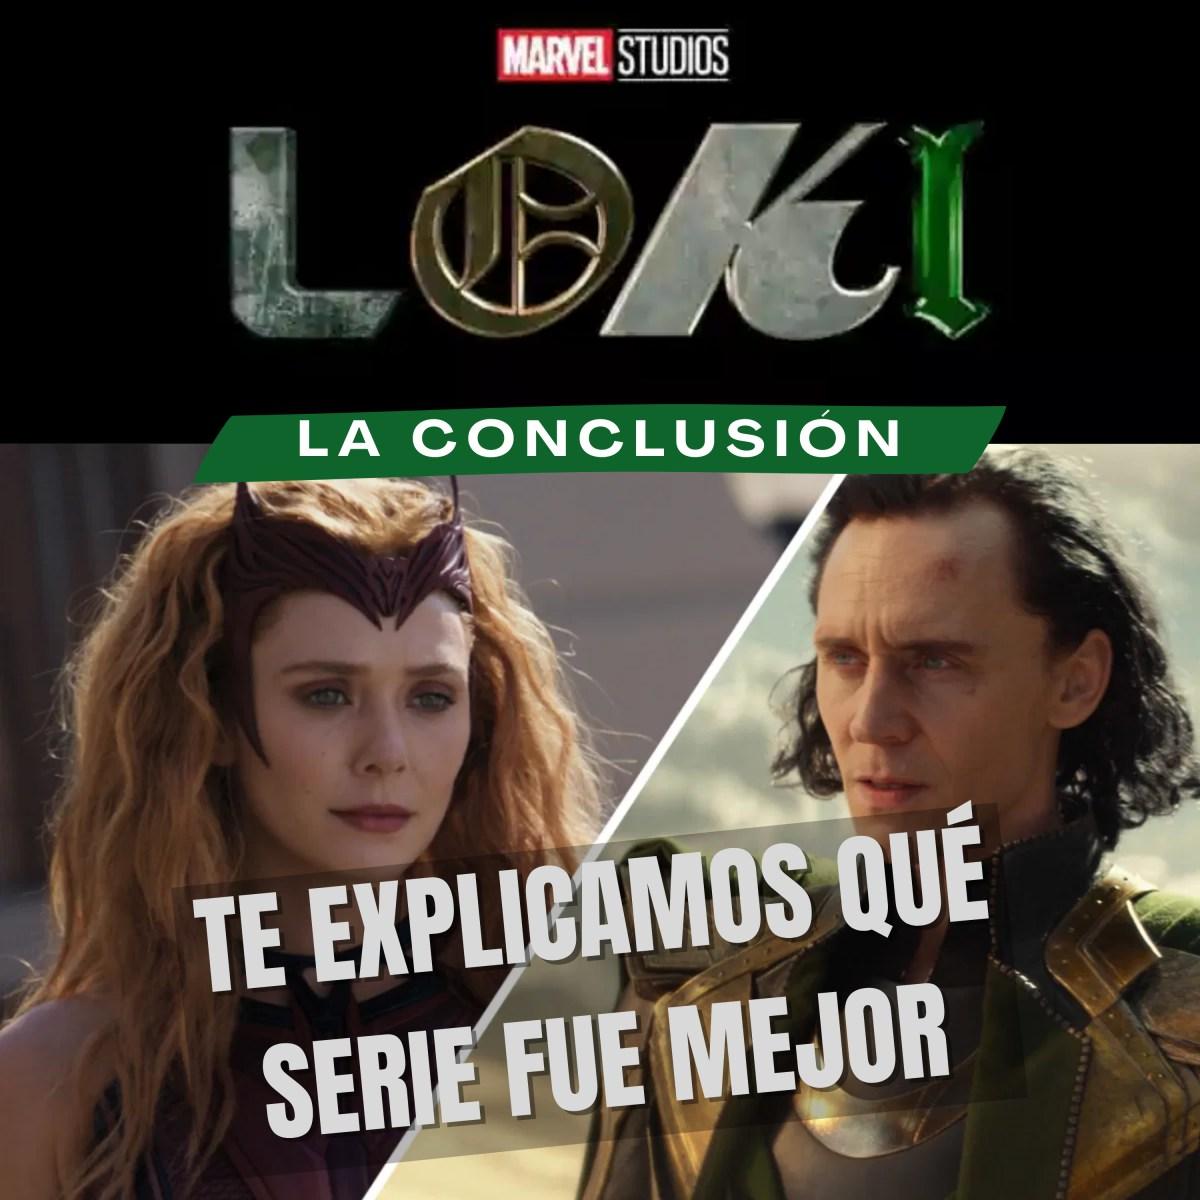 Loki – La conclusión: ¿Qué serie fue mejor?